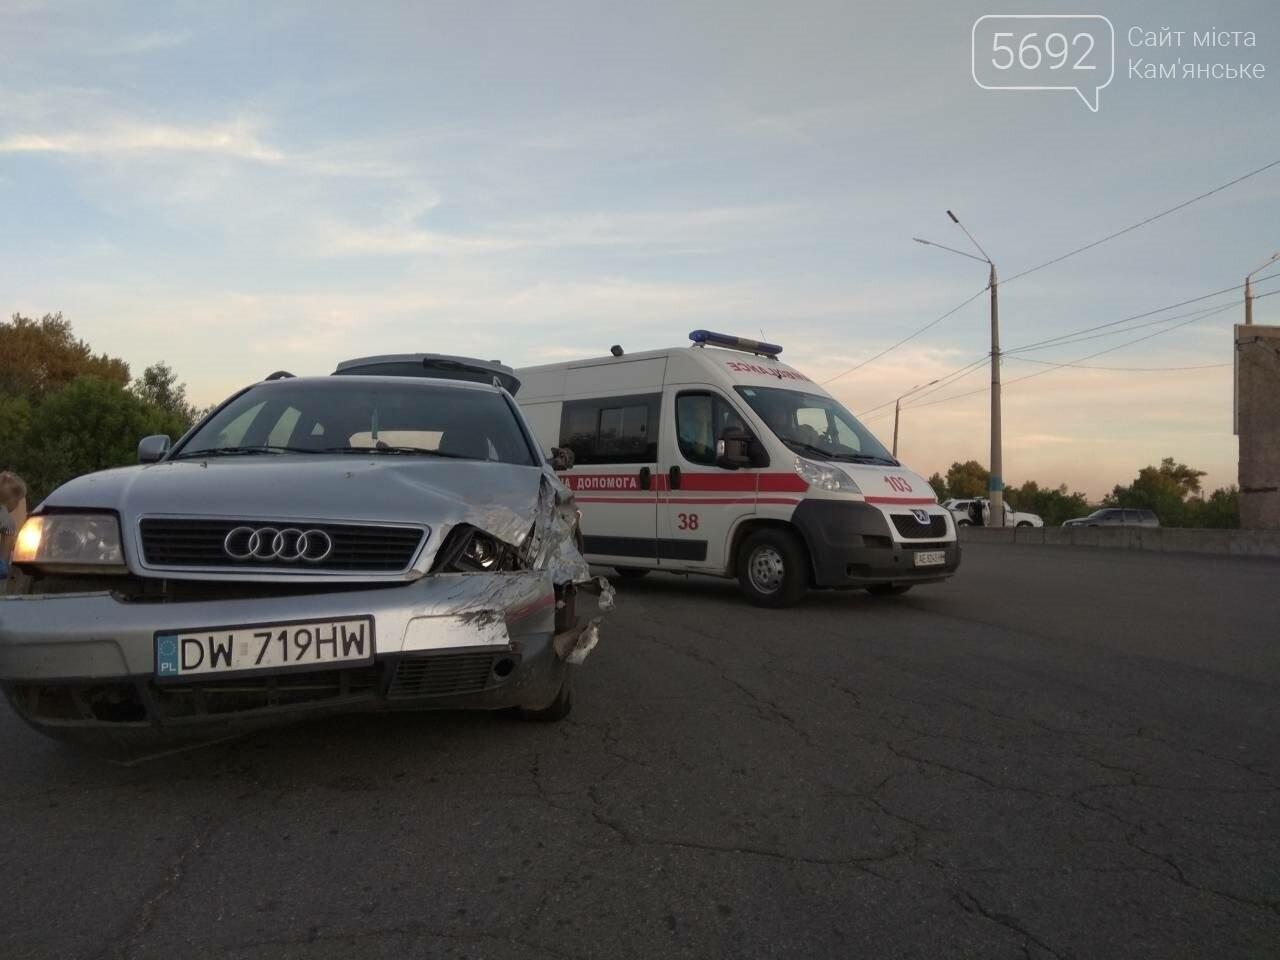 В Каменском столкнулись Ауди и ВАЗ, фото-4